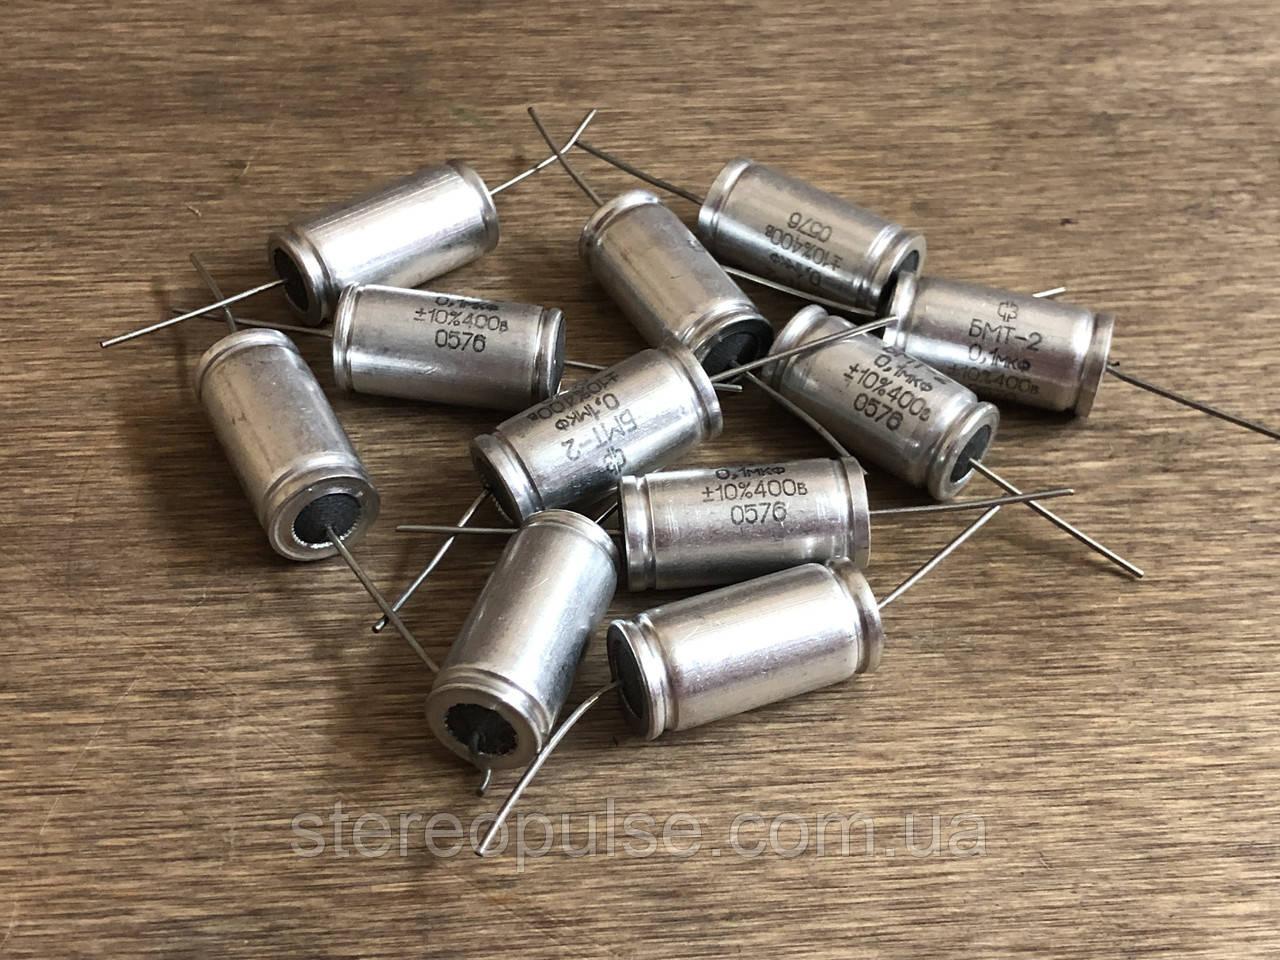 Конденсатор БМТ-2 0.1мкФ  400В 10%     0.01 мкФ  630 В